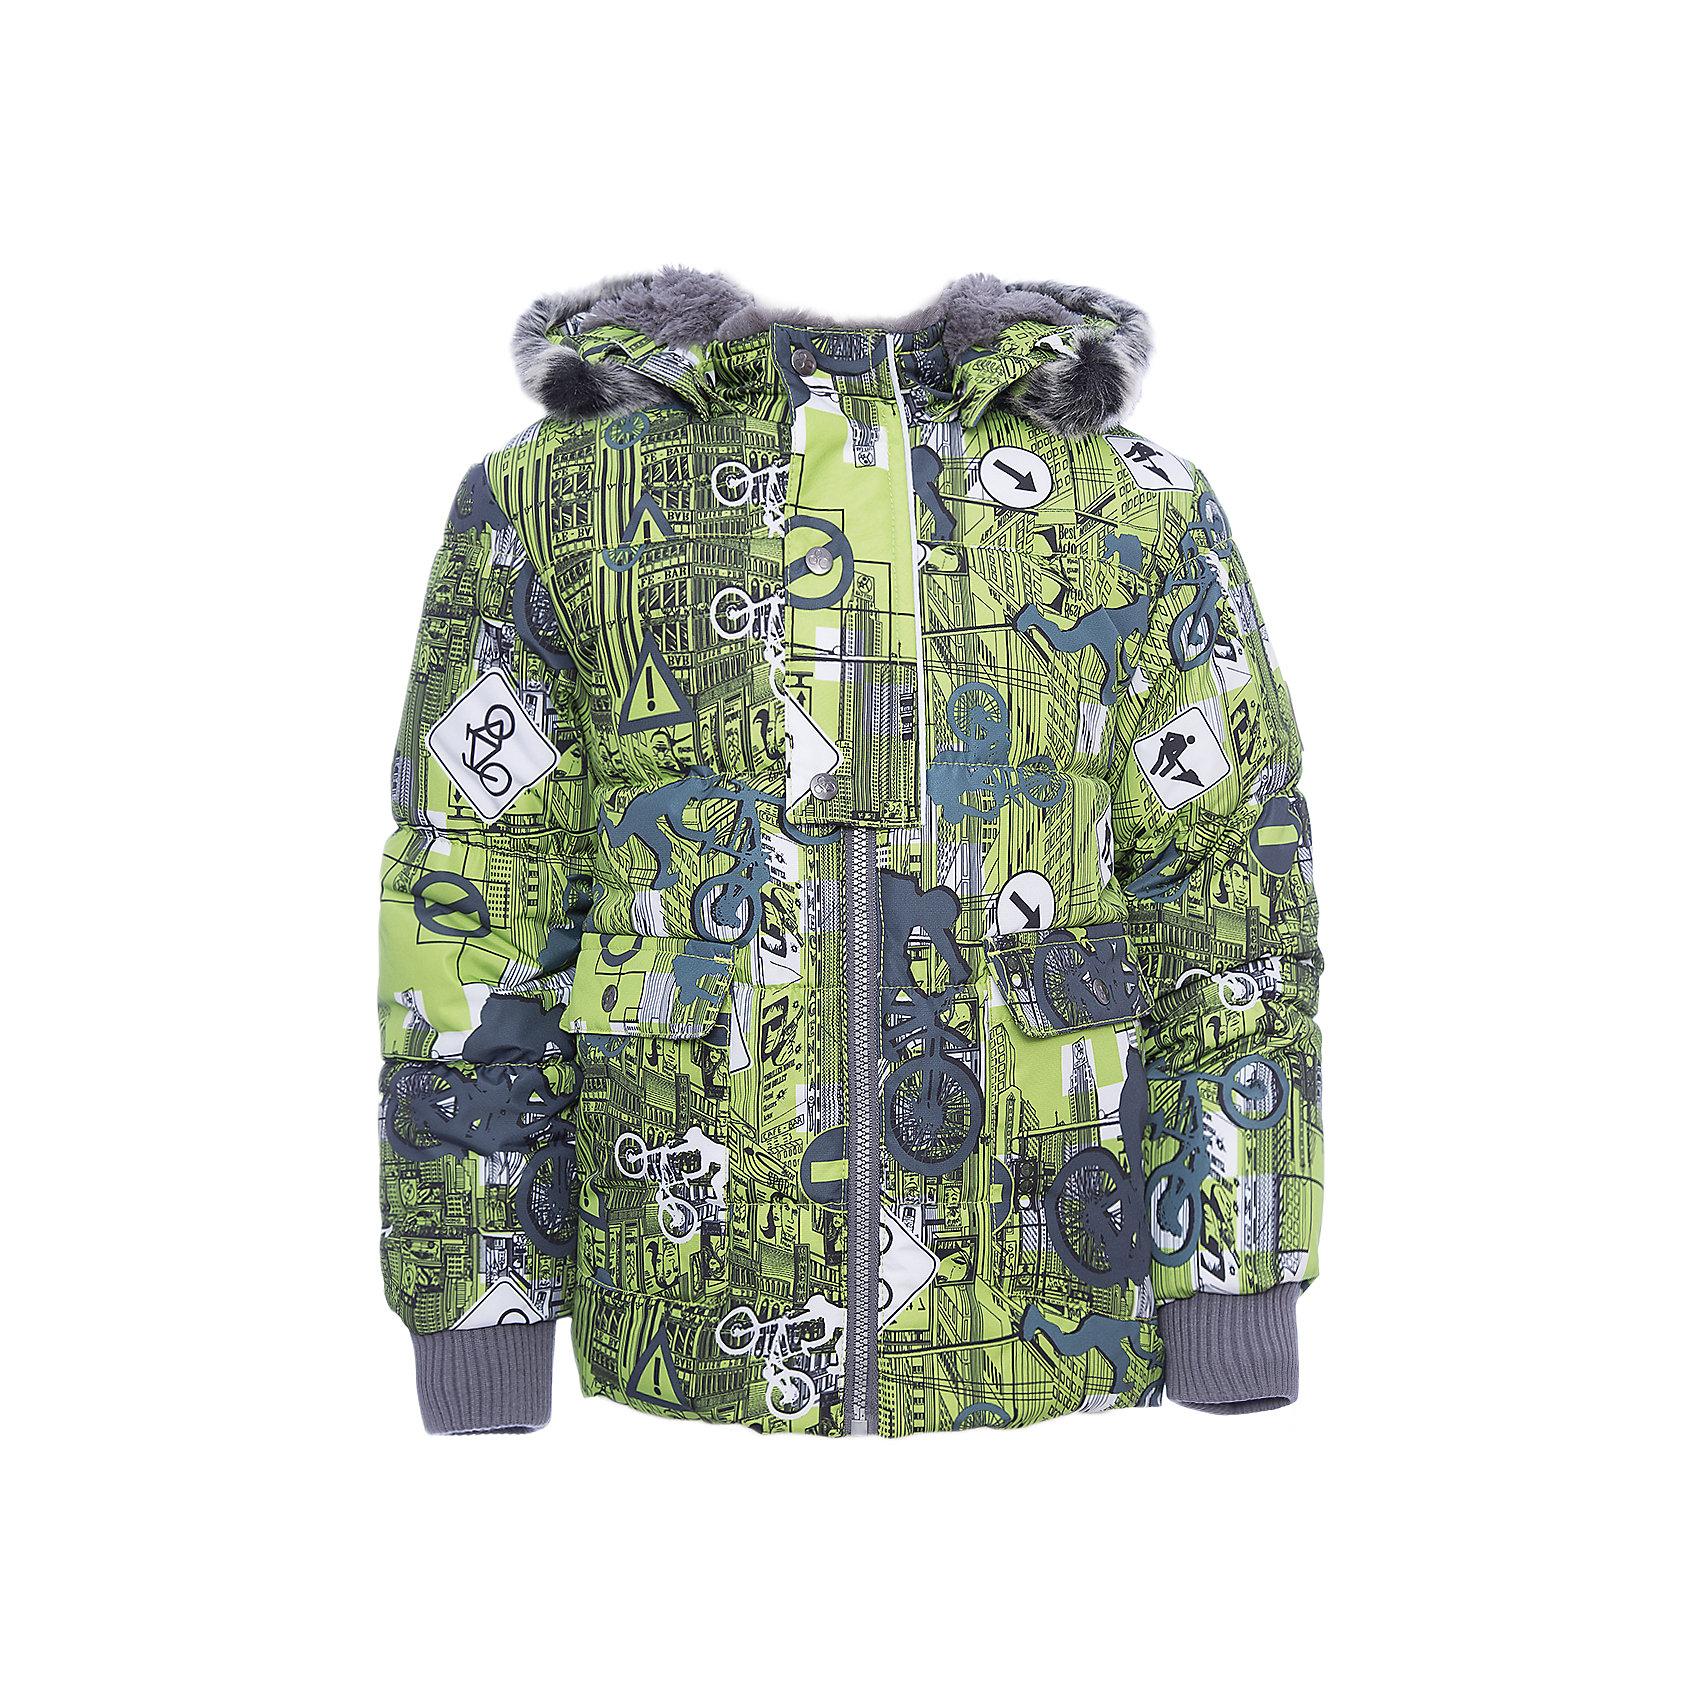 Куртка OLIVER Huppa для мальчикаЗимние куртки<br>Характеристики товара:<br><br>• модель: Oliver;<br>• цвет: зеленый;<br>• пол: мальчик;<br>• состав: 100% полиэстер;<br>• утеплитель: полиэстер,300 гр.;<br>• подкладка: Teddy Fur, тафта,полиэстер;<br>• сезон: зима;<br>• температурный режим: от -5 до - 30С;<br>• водонепроницаемость: 10000 мм;<br>• воздухопроницаемость: 10000 г/м2/24ч;<br>• особенности модели: с рисунком,с мехом на капюшоне;<br>• защита подбородка от защемления;<br>• мягкая меховая подкладка;<br>• капюшон крепится на кнопки и, при необходимости, отстегивается;<br>• искусственный мех на капюшоне съемный;<br>• спереди расположены два накладныхкармана, с клапанами на кнопках;<br>• светоотражающие элементы для безопасности ребенка;<br>•  трикотажные манжеты; <br>• страна бренда: Финляндия;<br>• страна изготовитель: Эстония.<br><br>Куртка Oliver  для мальчика изготовлена из водо и ветронепроницаемого, грязеотталкивающего материала. В куртке Oliver  300 грамм утеплителя, которые обеспечат тепло и комфорт ребенку при температуре от -5 до -30 градусов.Подкладка —Teddy Fur,тафта.<br><br>Куртка с капюшоном застегивается на застежку-молнию и кнопки. Капюшон отстегивается с помощью кнопок, мех отстегивается. Рукава с трикотажными манжетами. У модели имеются два накладных кармана с клапанами на кнопках. Изделие дополнено светоотражающими элементами.<br><br>Куртку Oliver для мальчика бренда HUPPA  можно купить в нашем интернет-магазине.<br><br>Ширина мм: 356<br>Глубина мм: 10<br>Высота мм: 245<br>Вес г: 519<br>Цвет: зеленый<br>Возраст от месяцев: 72<br>Возраст до месяцев: 84<br>Пол: Мужской<br>Возраст: Детский<br>Размер: 122,74,80,86,92,98,104,110,116<br>SKU: 7024892